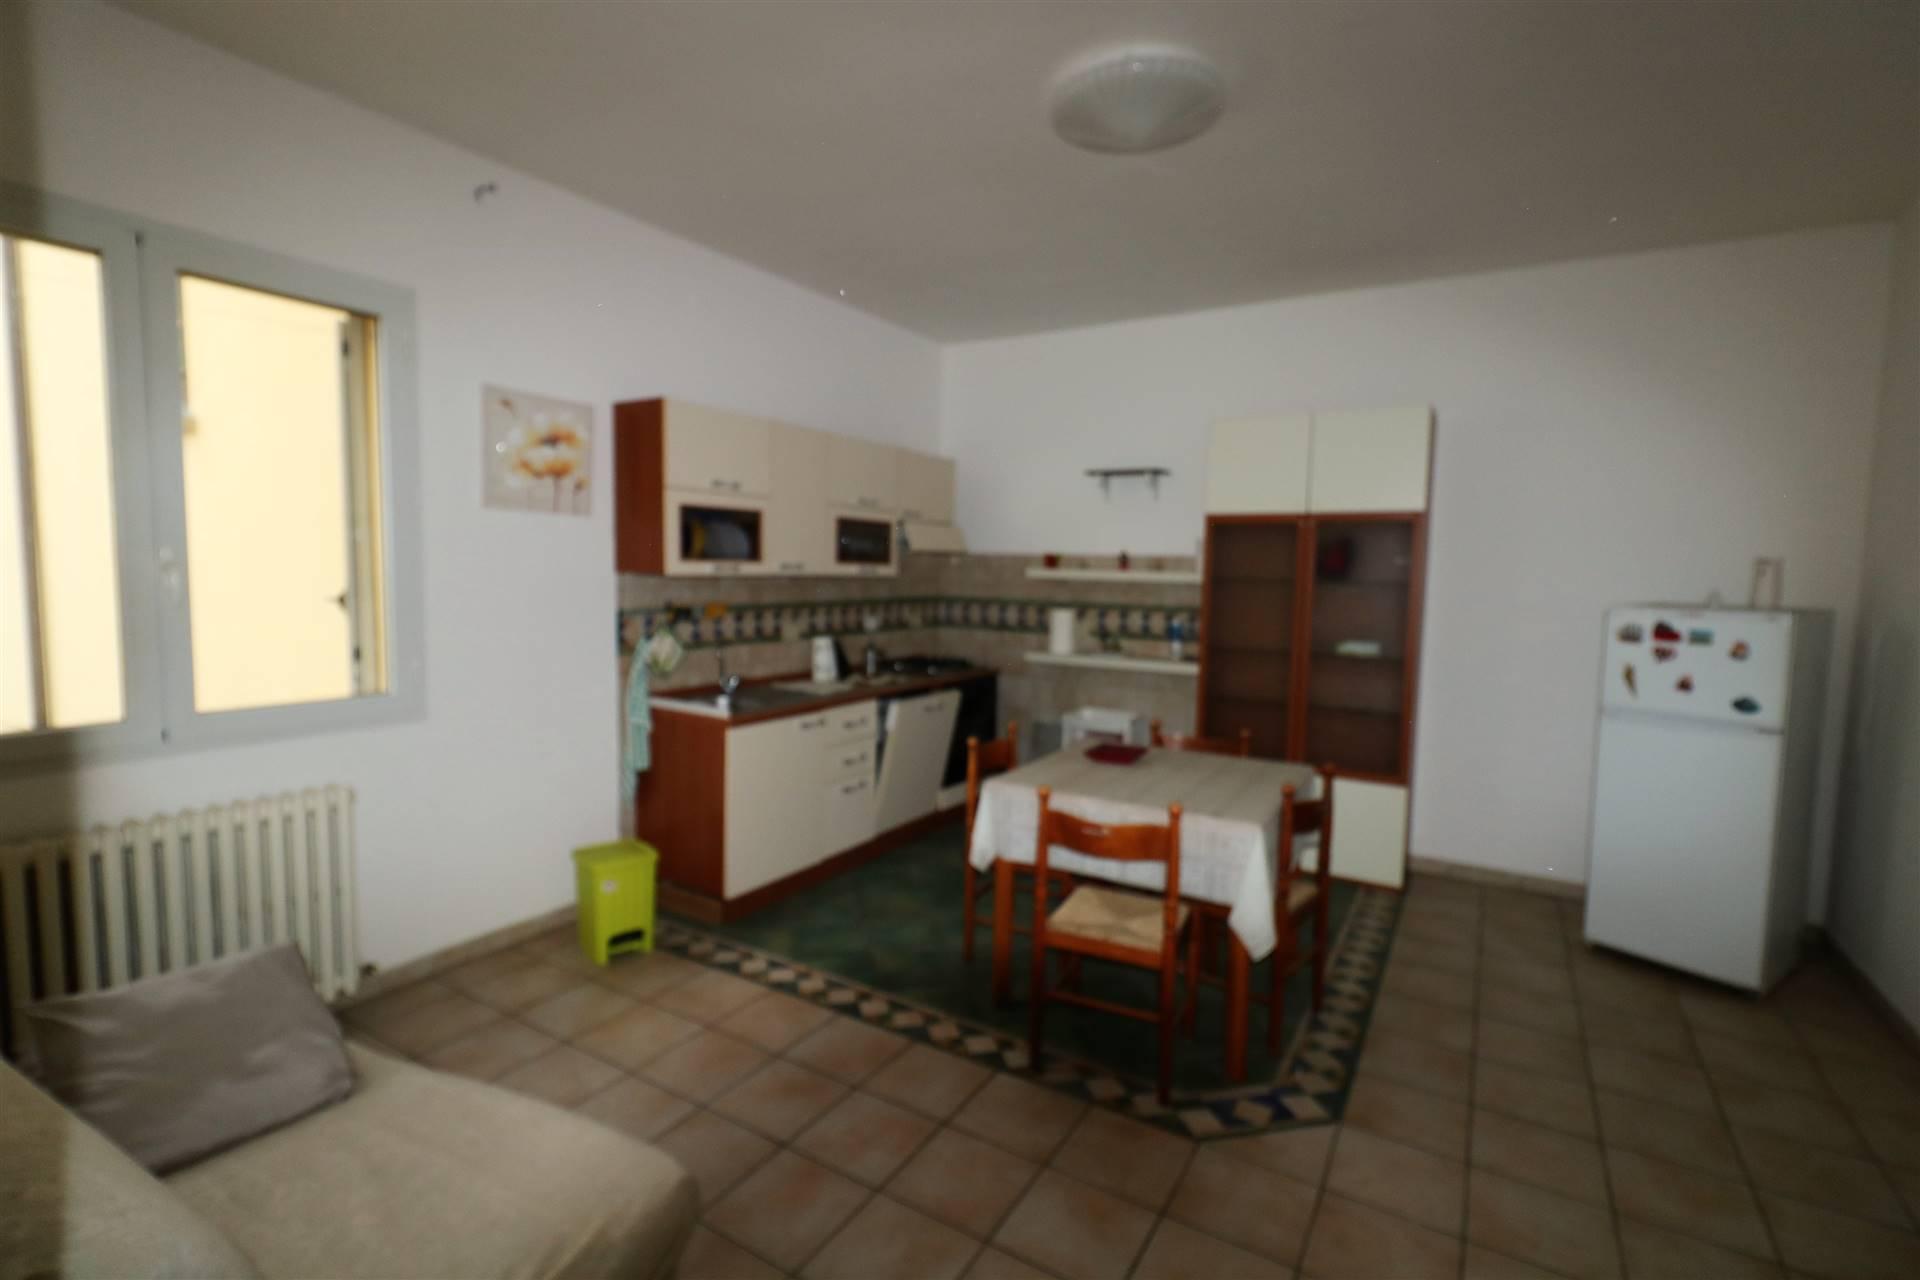 Appartamento in vendita a Conselice, 2 locali, prezzo € 48.000 | CambioCasa.it